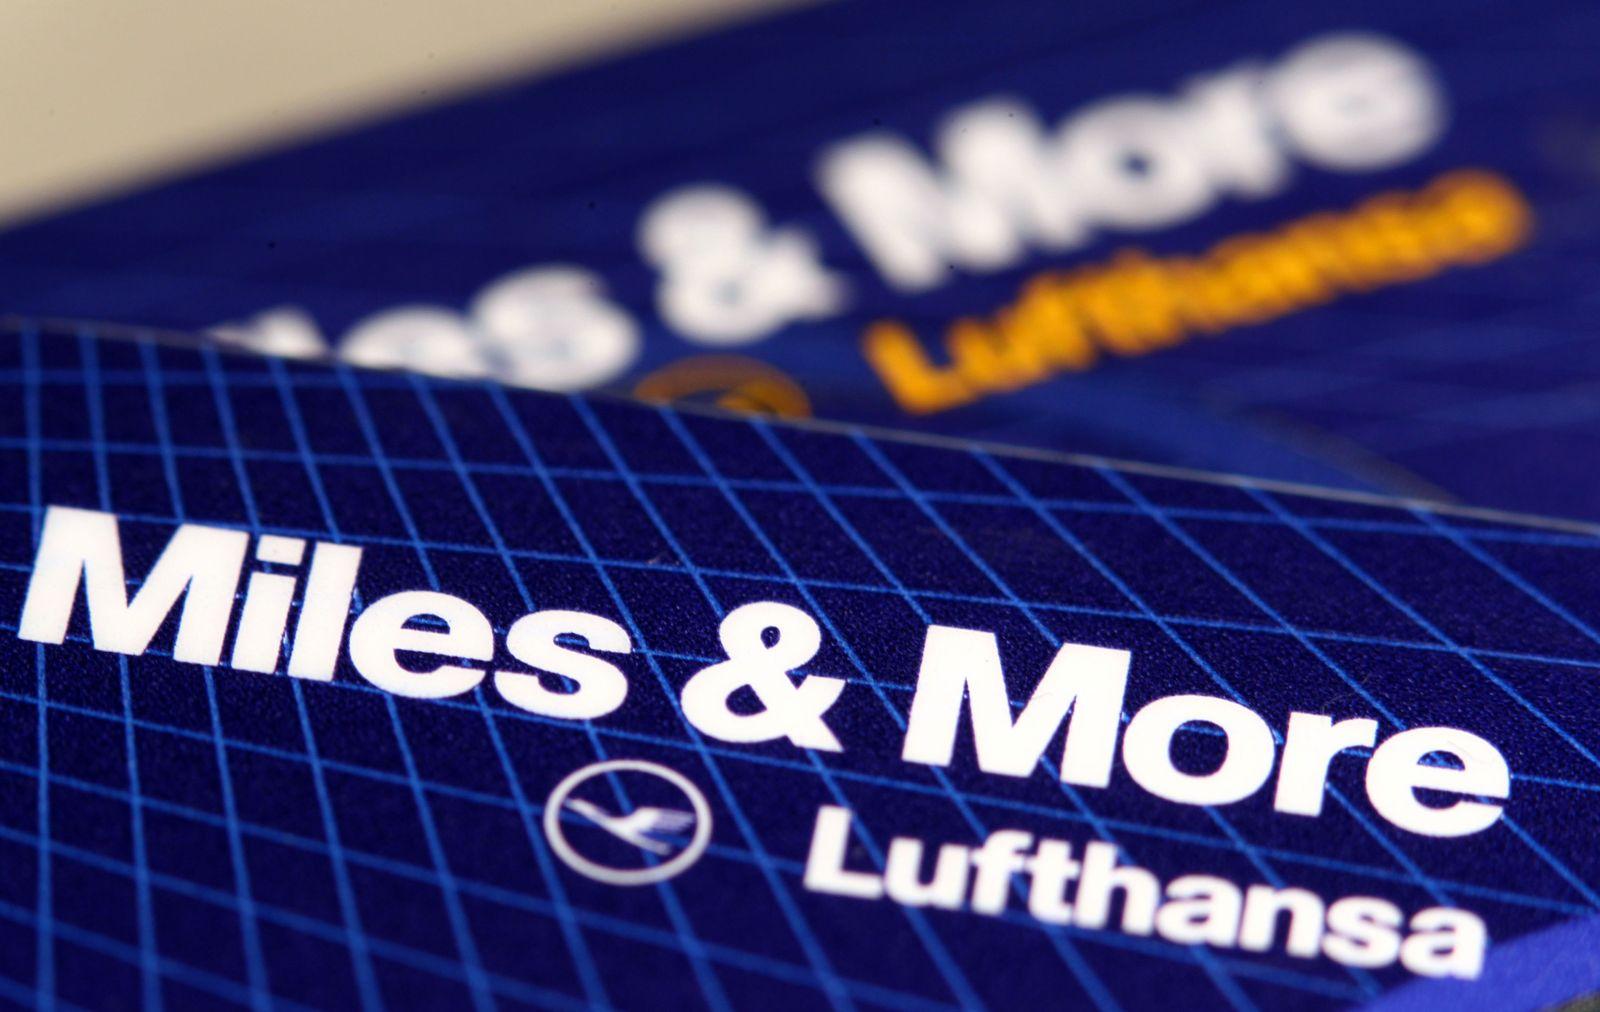 Miles&More / Lufthansa